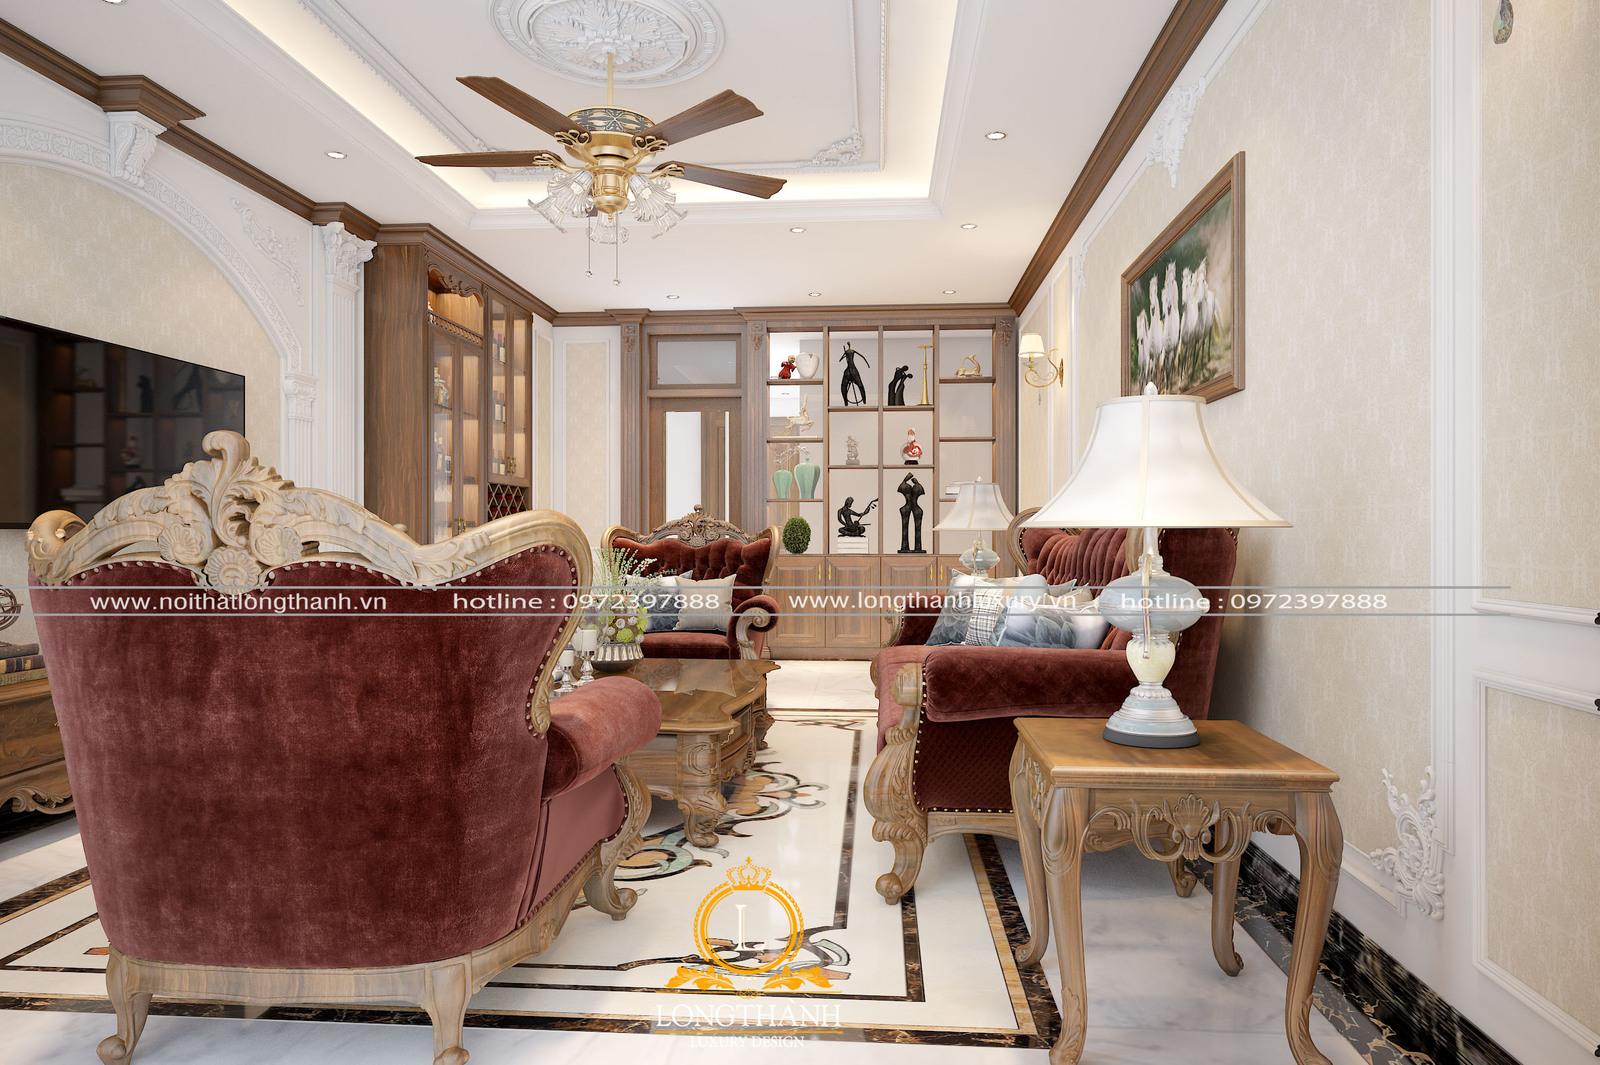 Mẫu thiết kế phòng khách tân cổ điển cho nhà ống